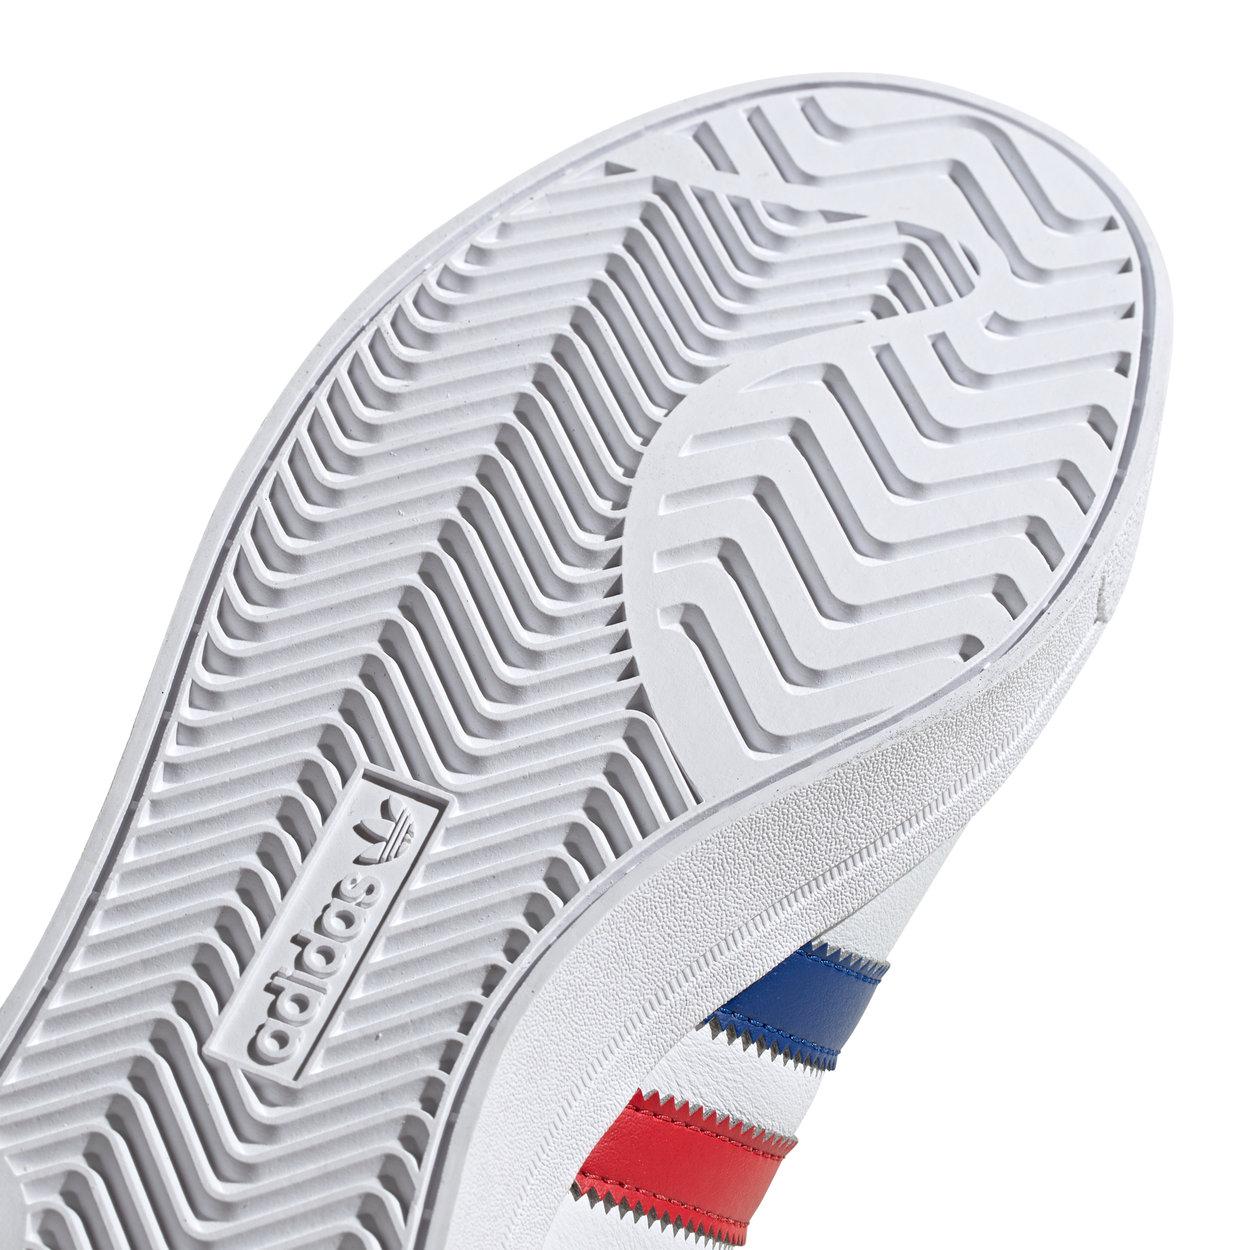 Scarpe Coast Star Adidas multicolor ADIDAS Acquista su Ventis.